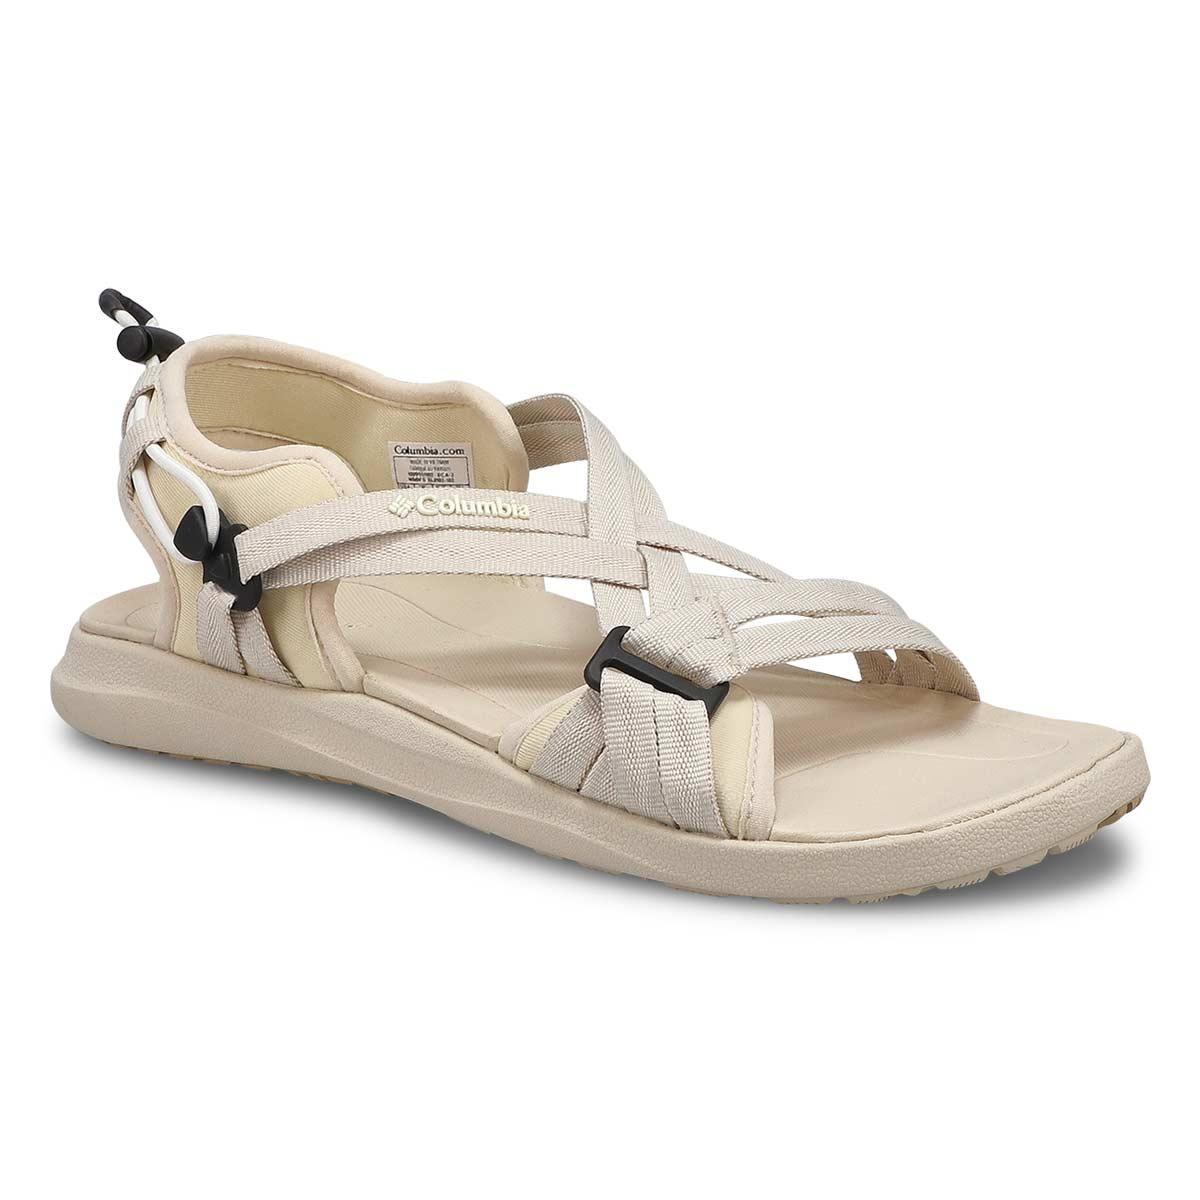 Lds Columbia Sandal white sport sandal